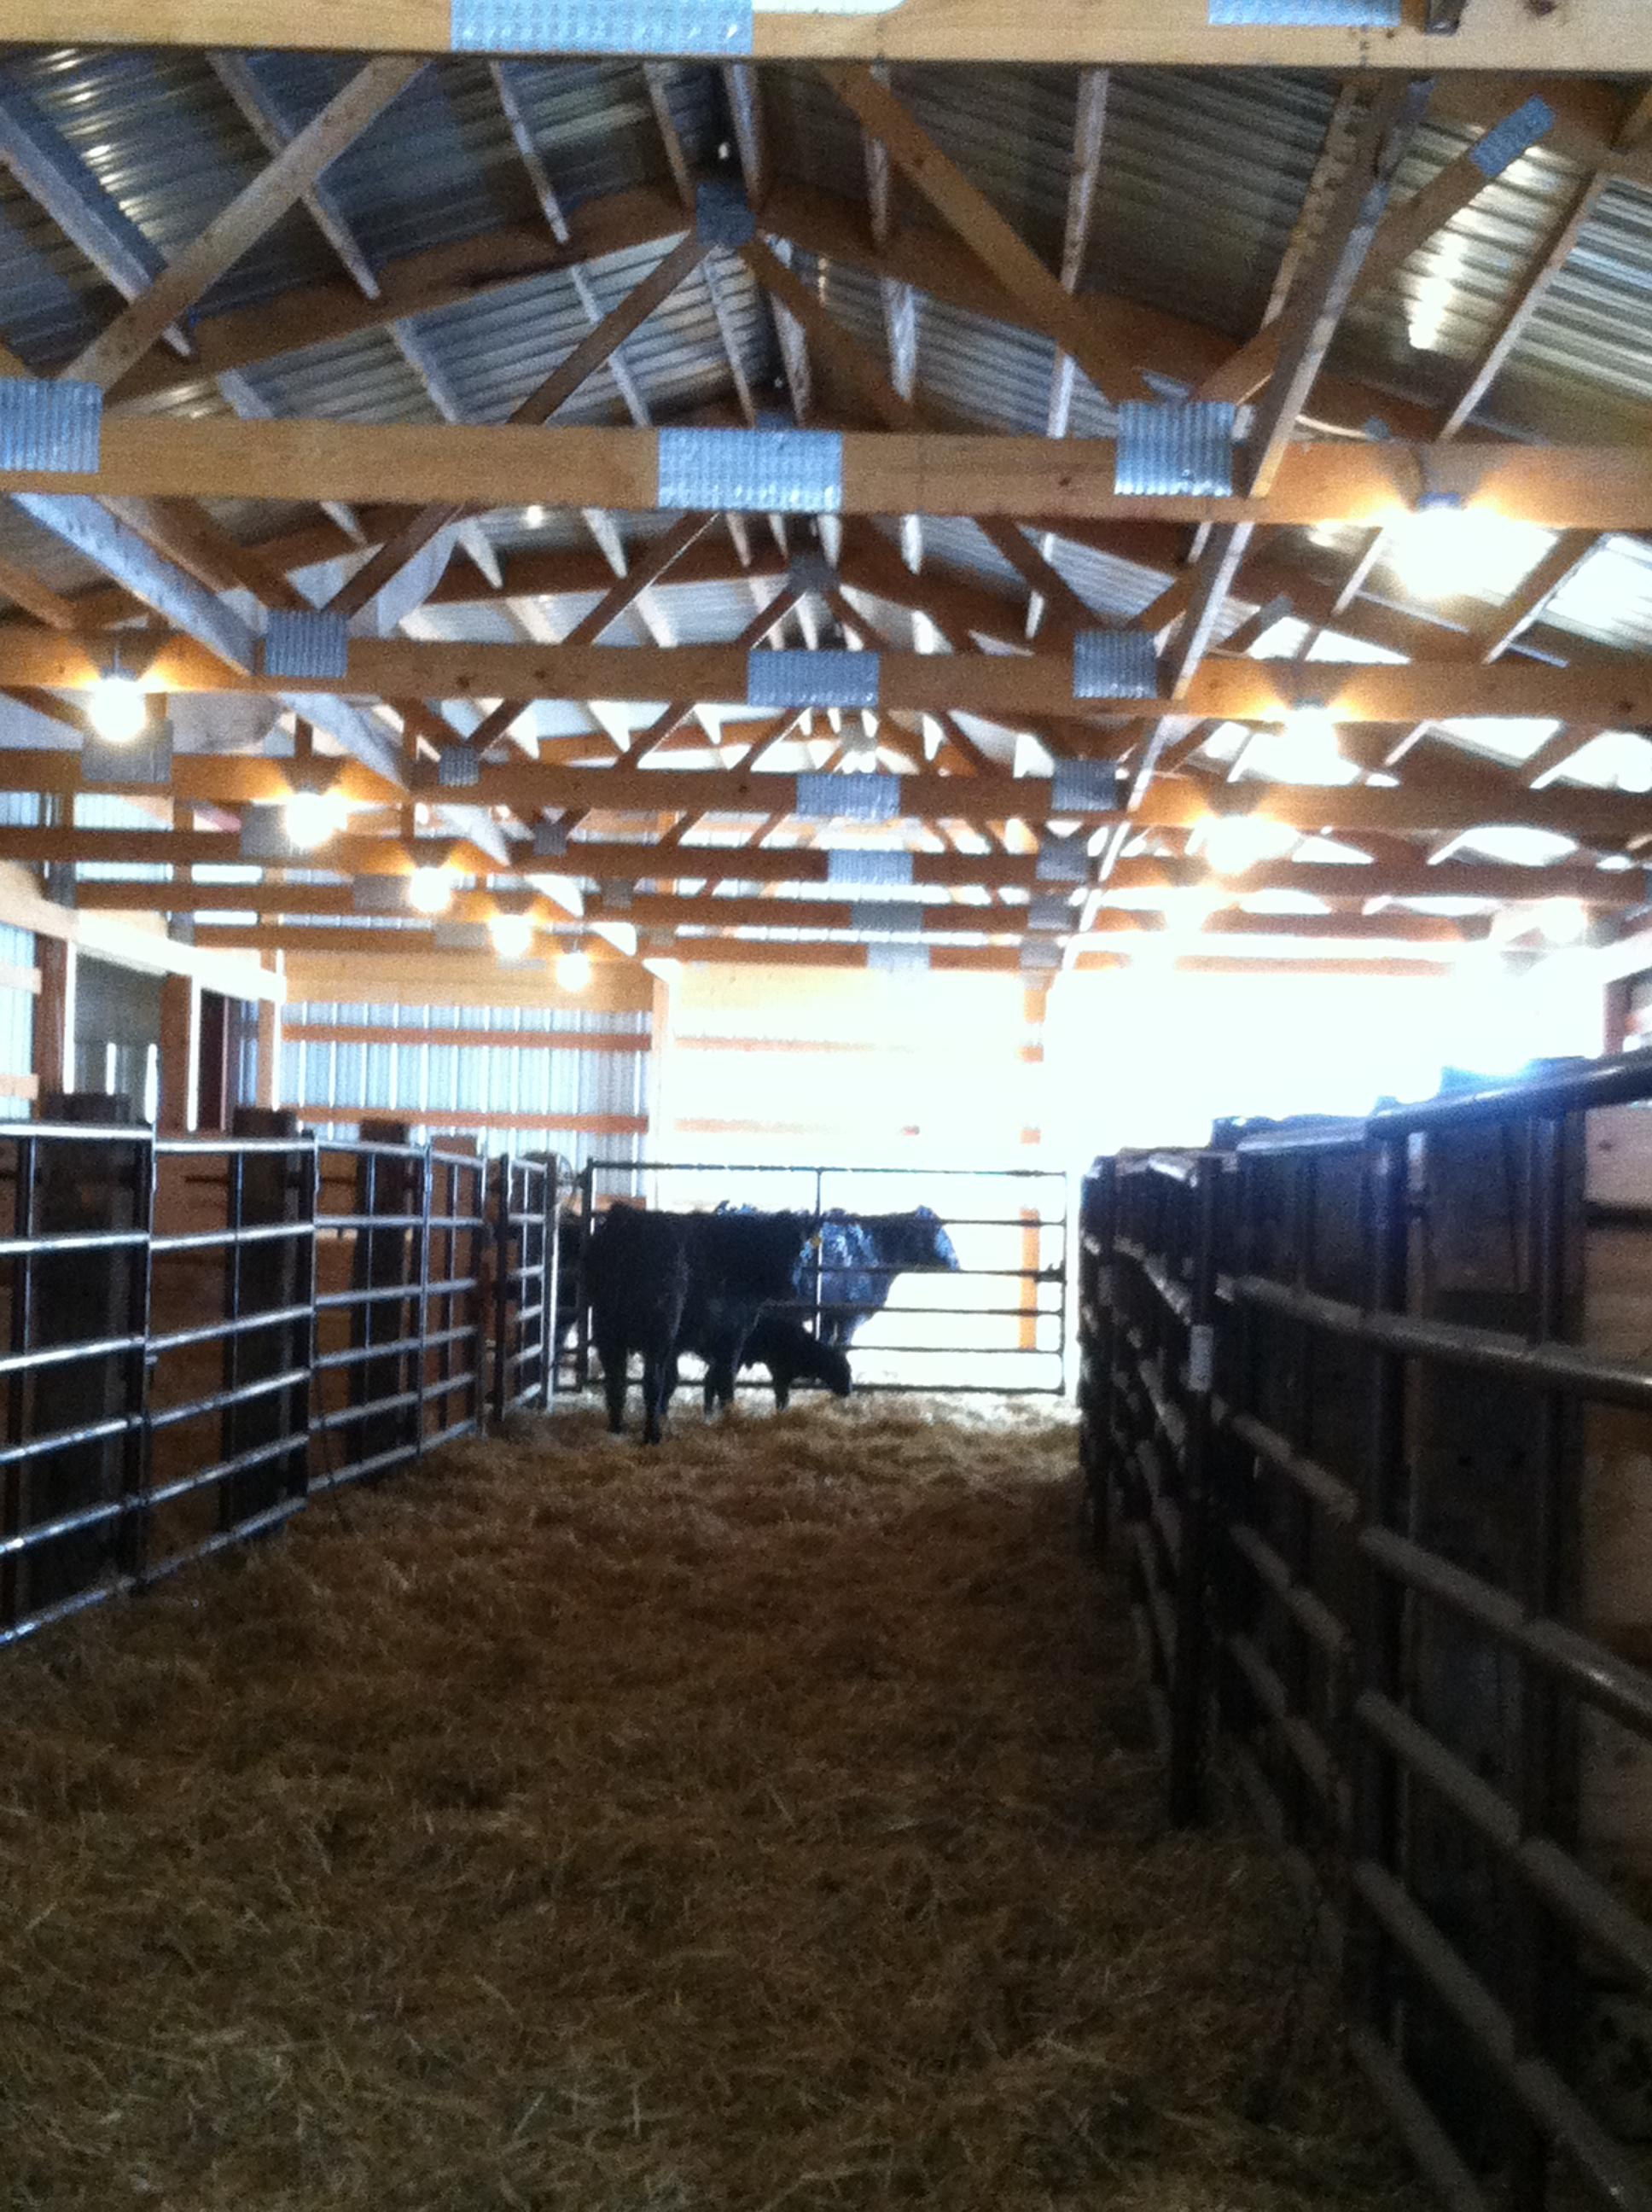 Inside The Calving Barn